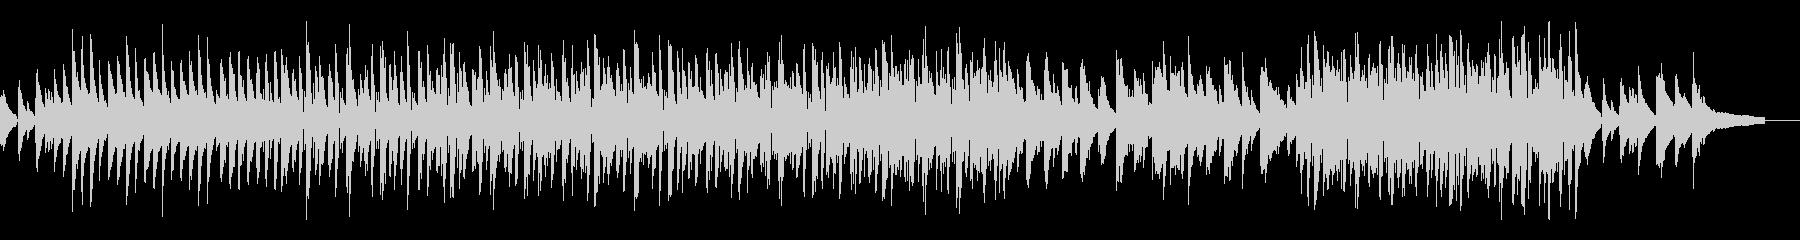 ラテンっぽい 軽快シャレオツ+ピアノ曲の未再生の波形